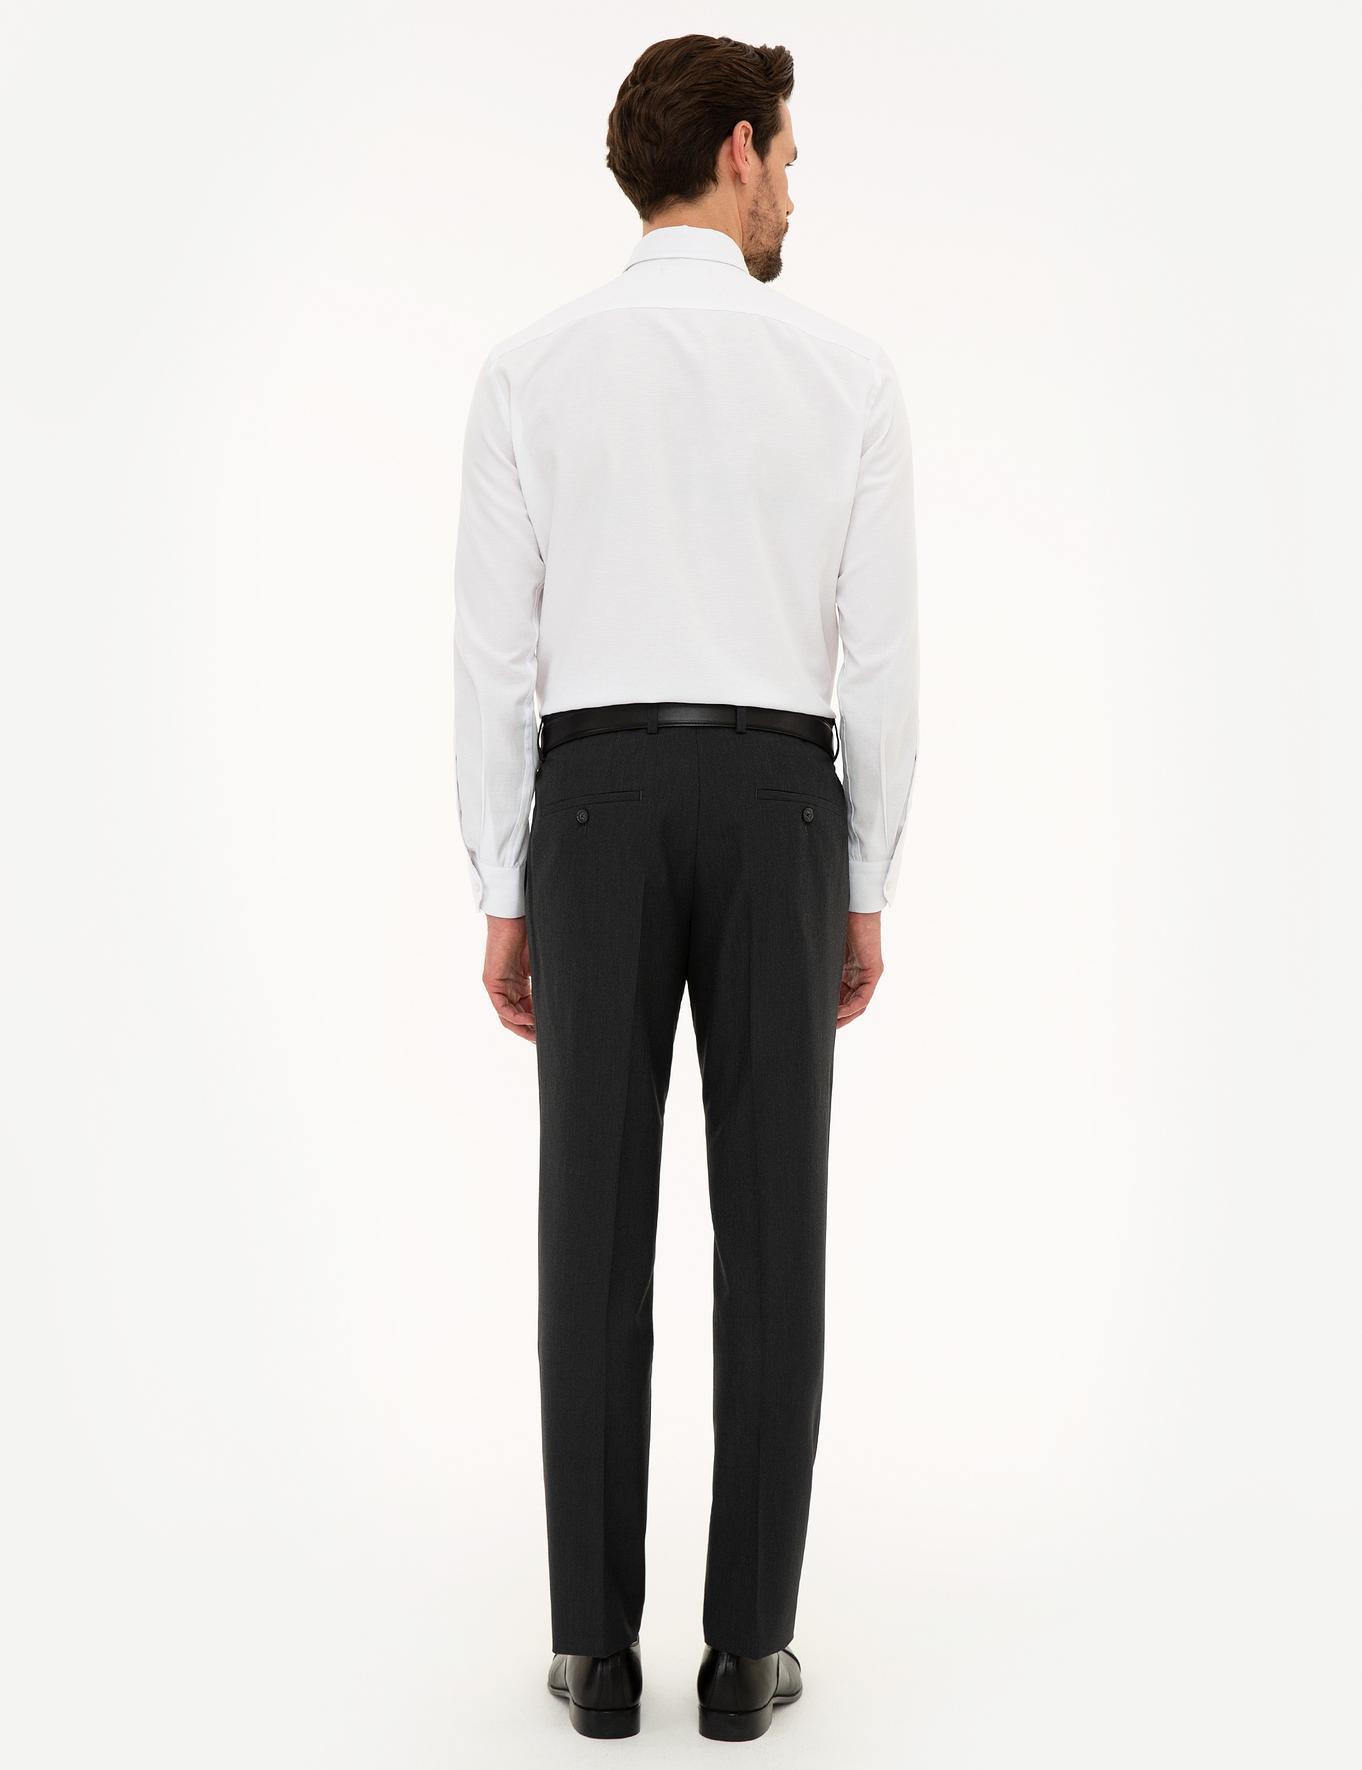 Füme Slim Fit Pantolon